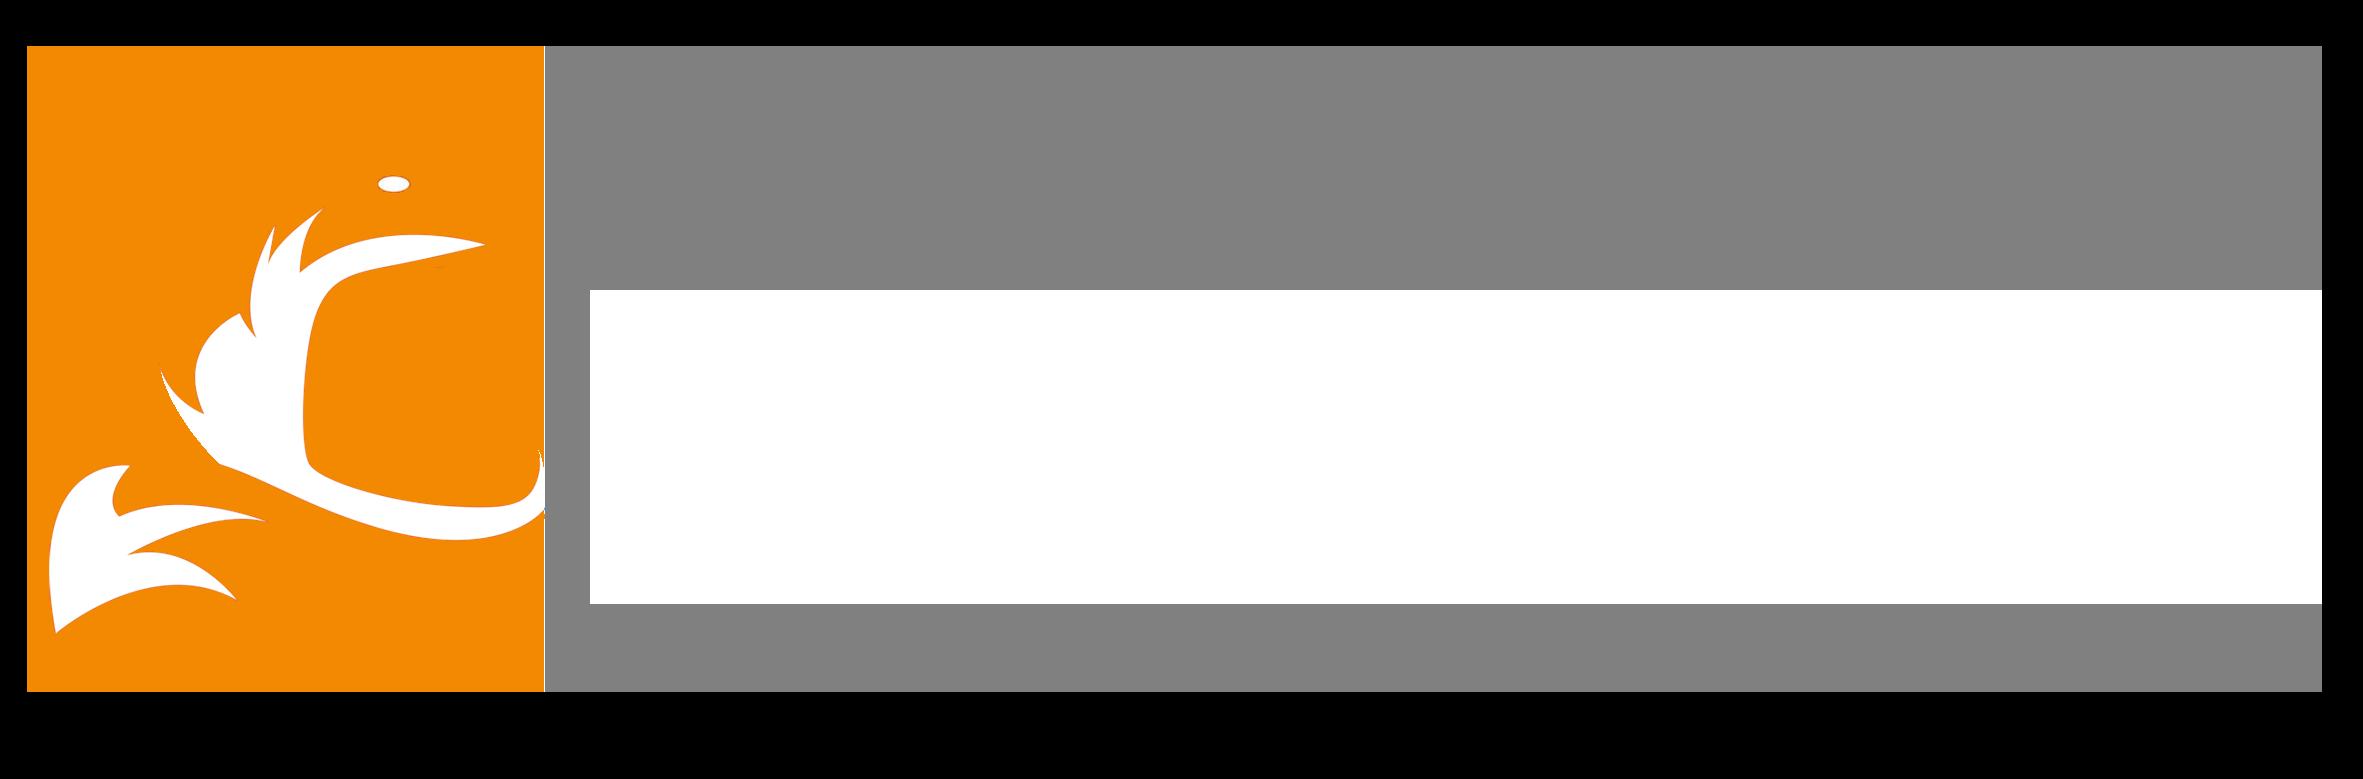 Schoudle